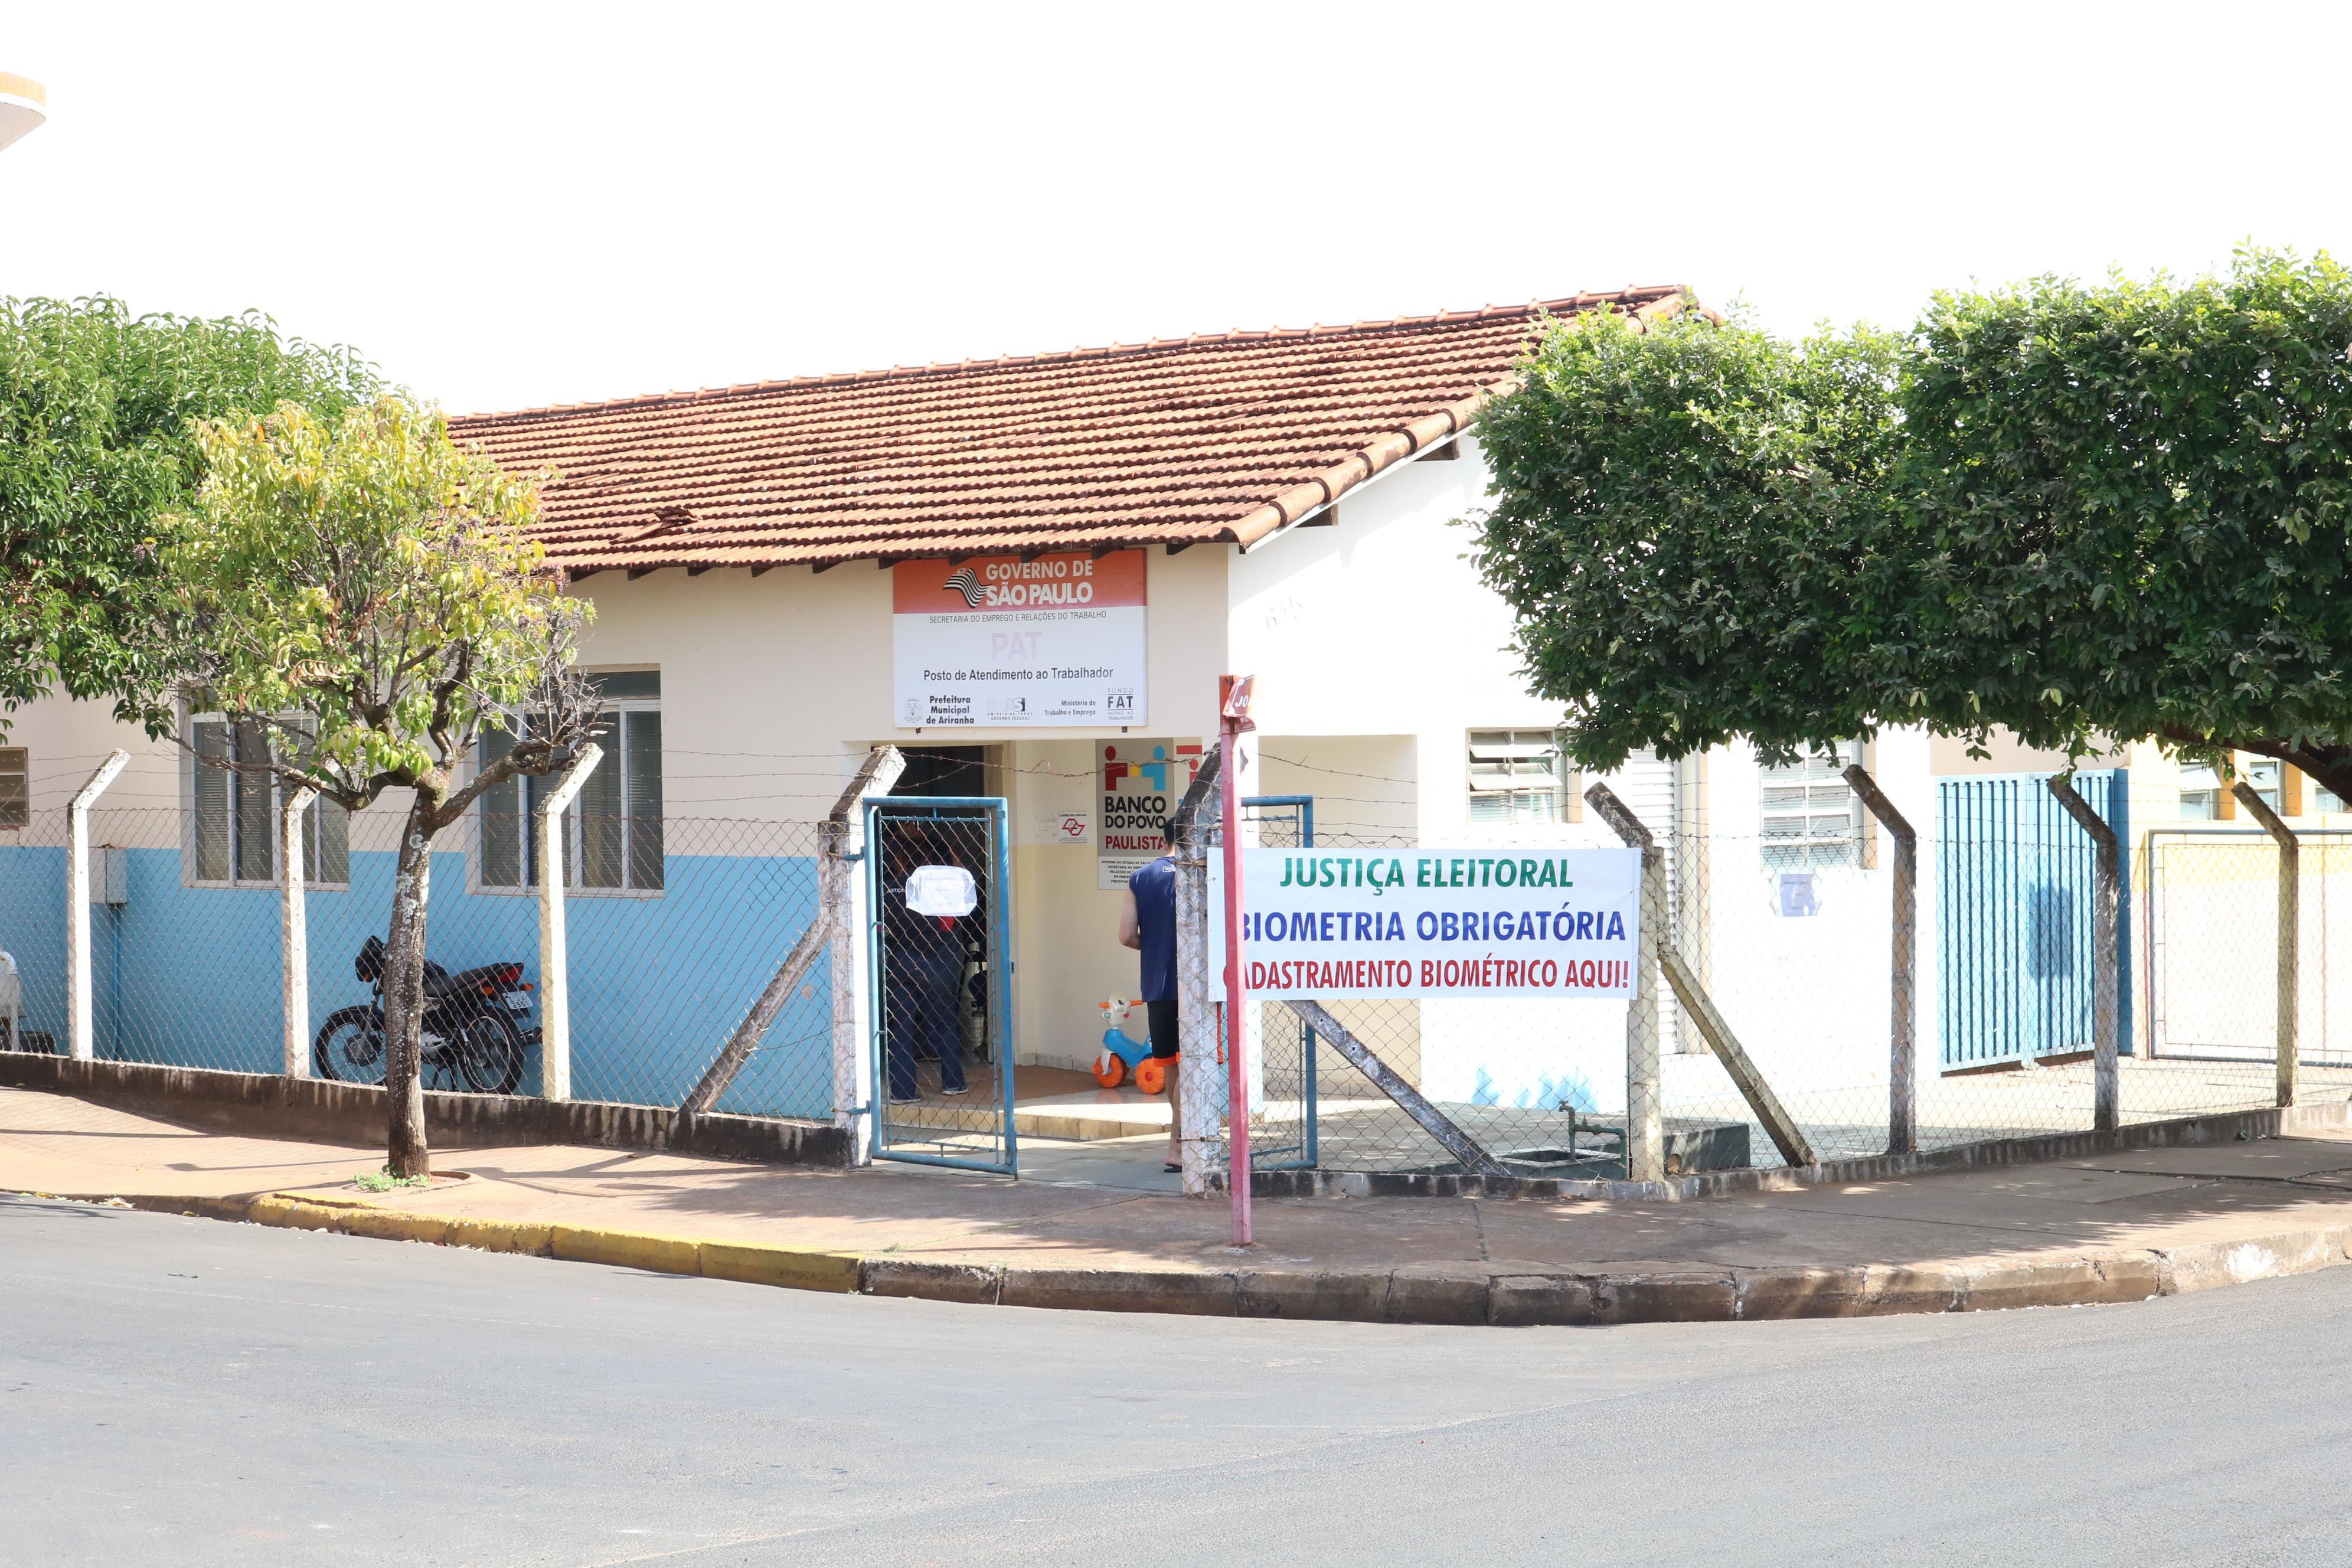 Biometria obrigatória: Eleitores terão até dezembro para se cadastrar